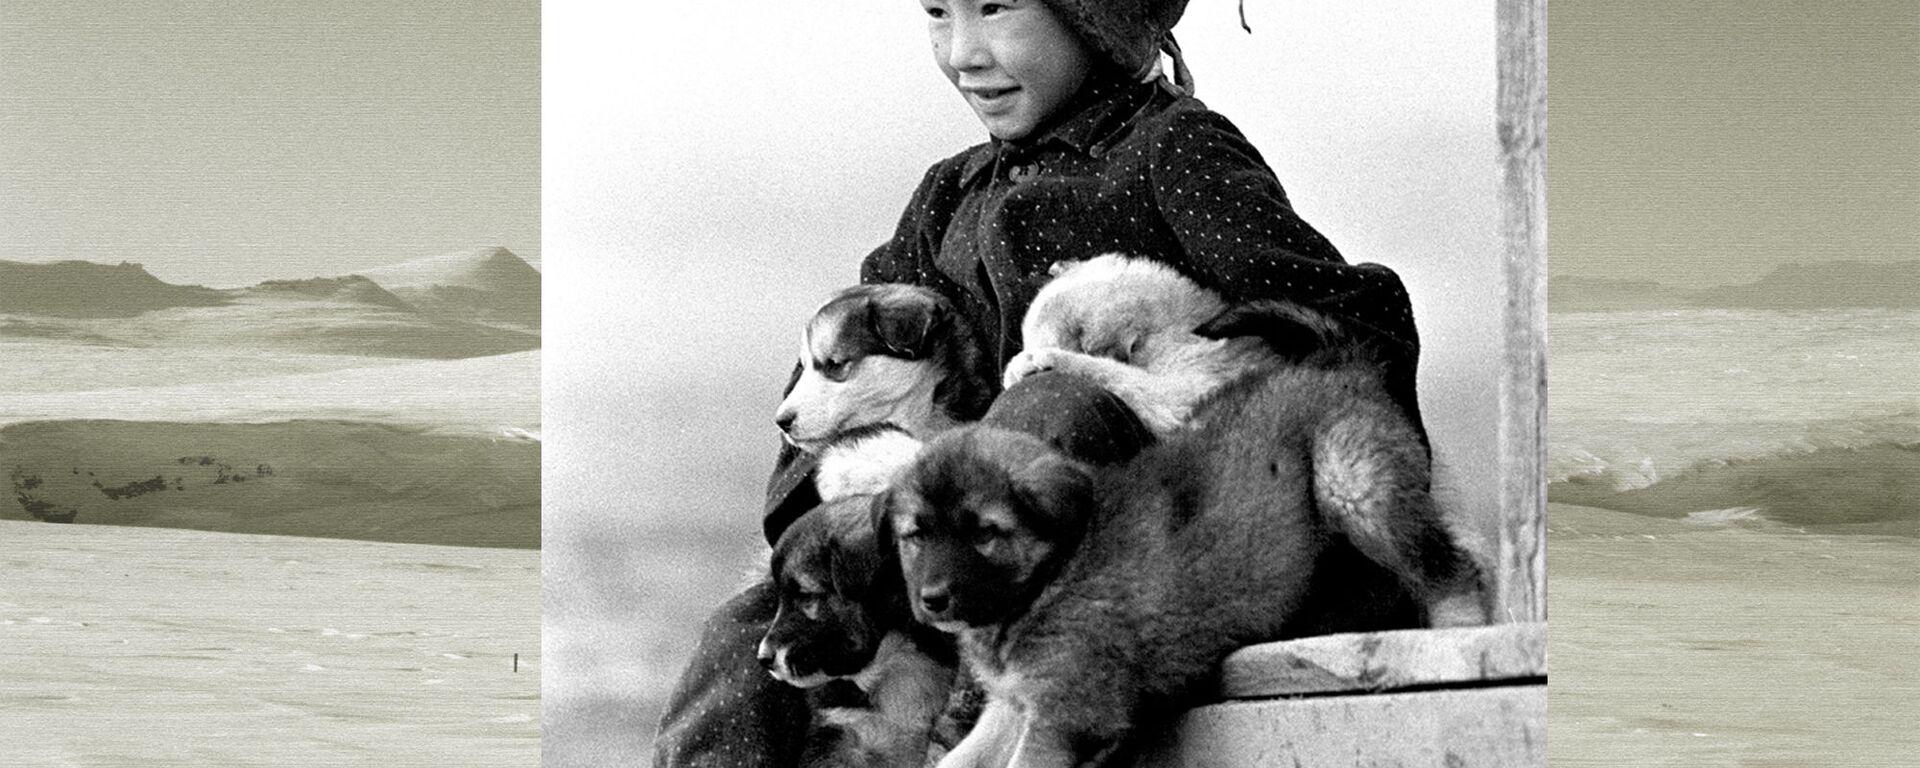 Serioja Tymkuvsc, uno degli ultimi abitanti dell'isola di Wrangel, foto del 1966 - Sputnik Italia, 1920, 23.03.2019